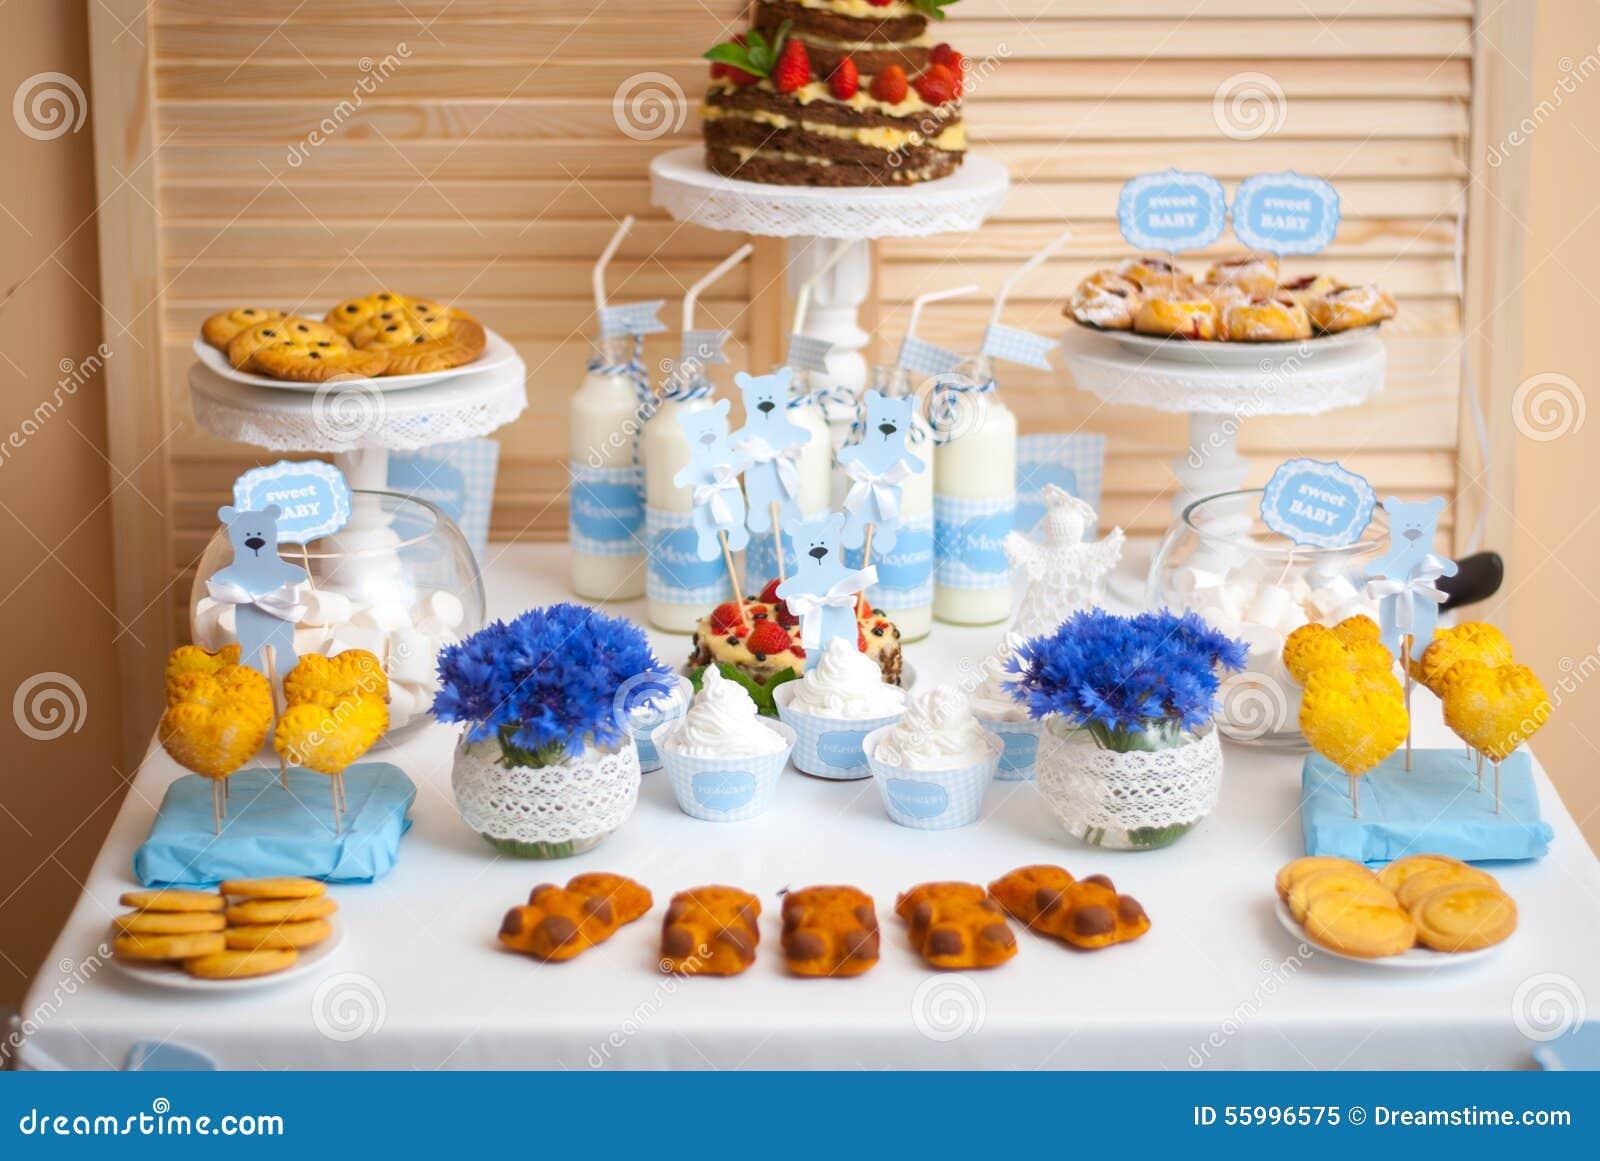 Decoraciones para el cumplea os de los ni os imagen de archivo imagen de vector fresa 55996575 - Decoraciones para bebes ...